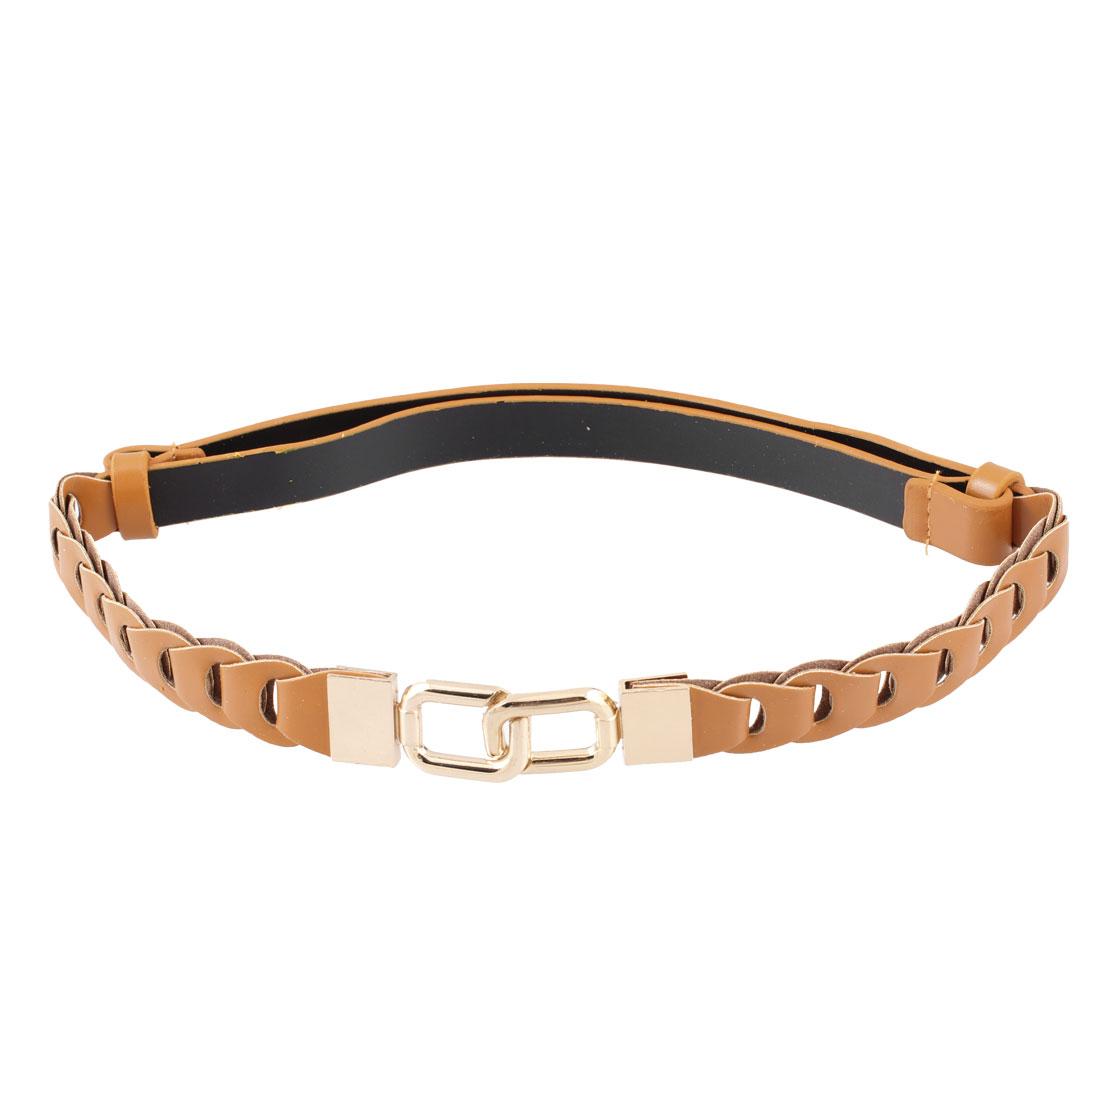 Lady Gold Tone 8 Shaped Interlocking Buckle High Stretchy Waist Belt Orange